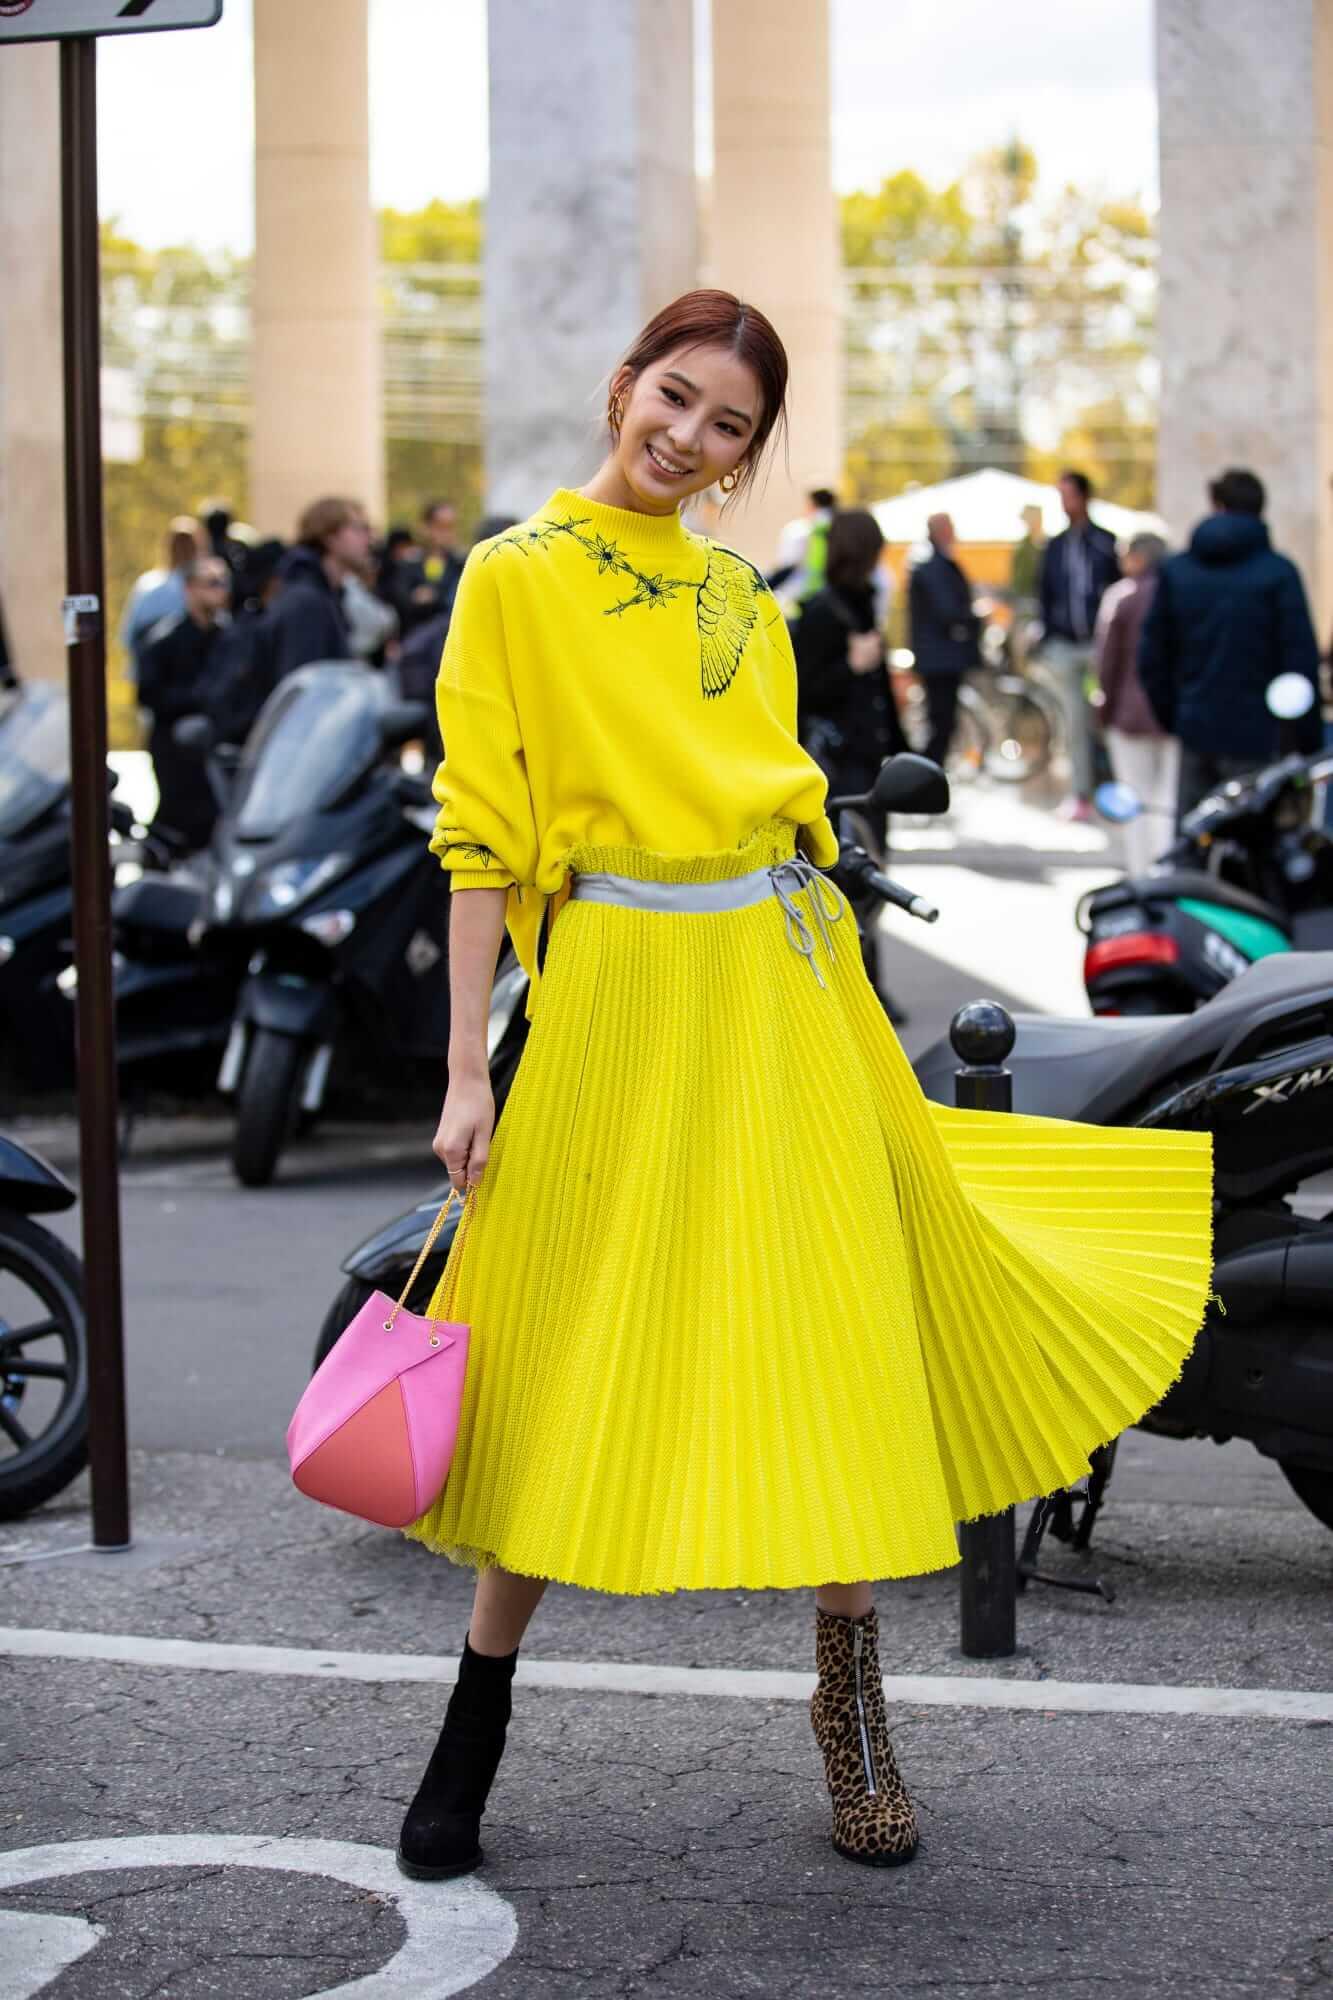 paris-fashion-week-spring-2019-street-style-day-8-23